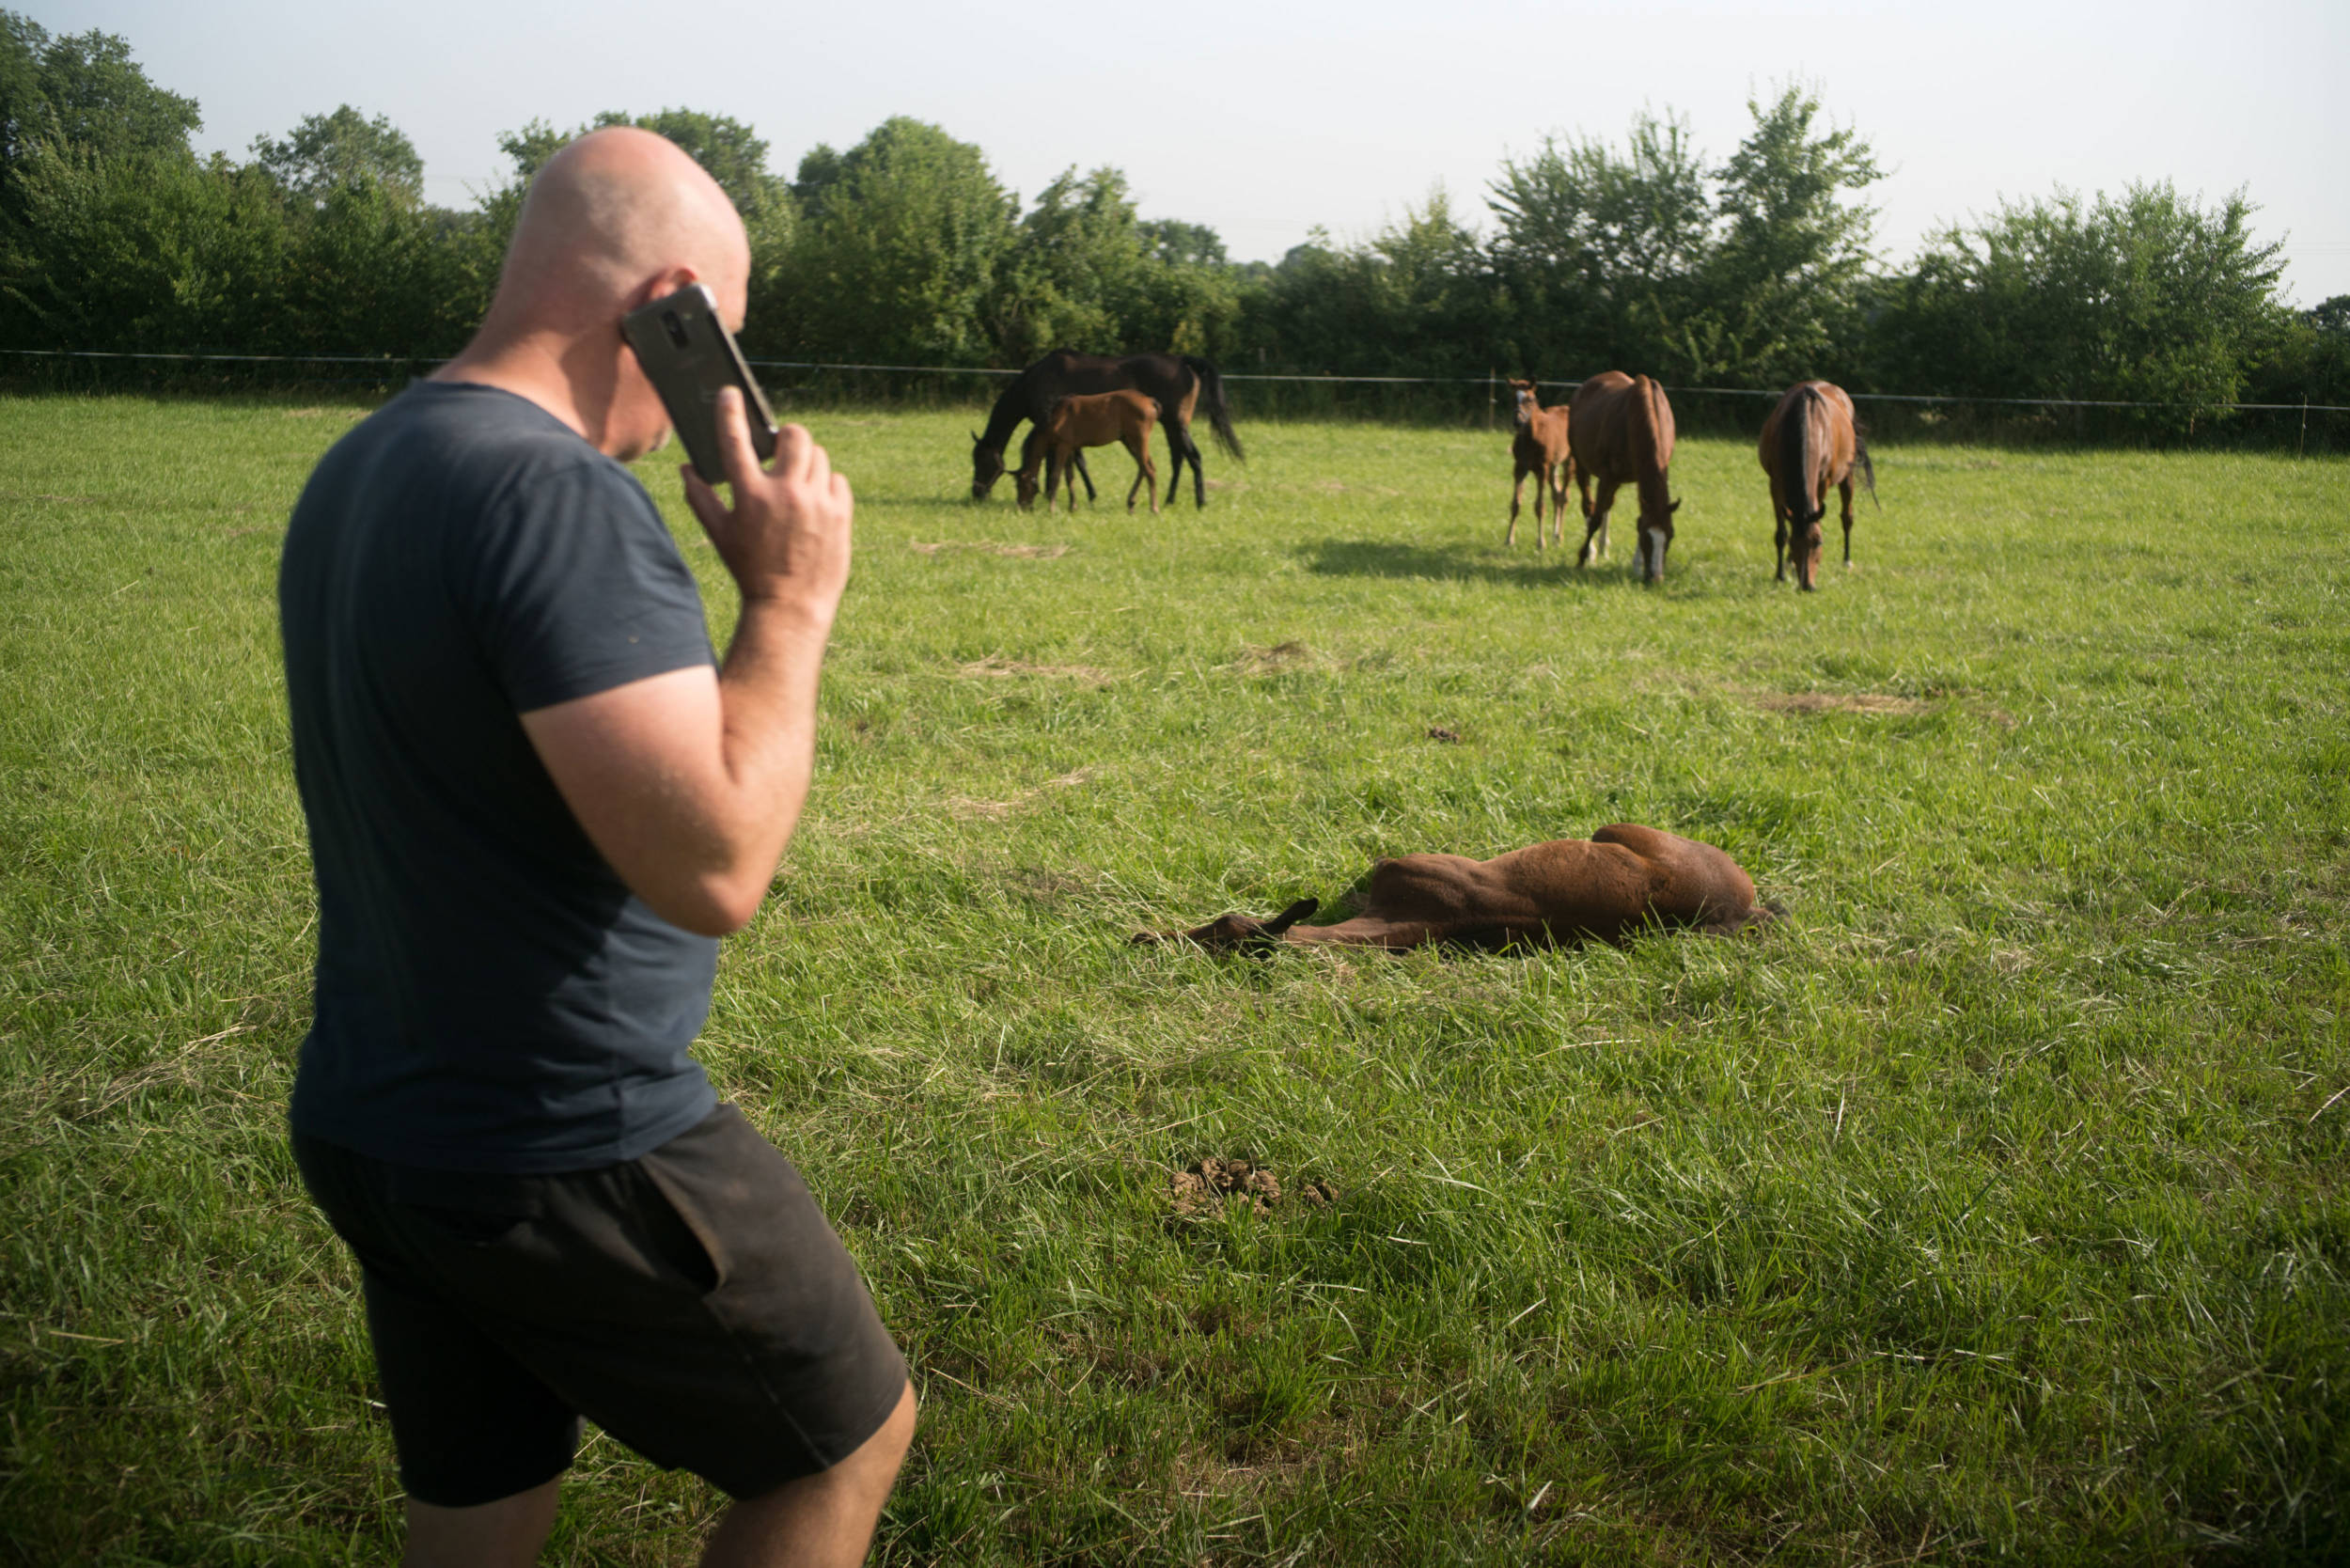 David Giraudeau marche dans un champ, le téléphone porté à son oreille. On aperçoit des chevaux et des poulains dans un pré, et un poulain étendu dans l'herbe devant David.